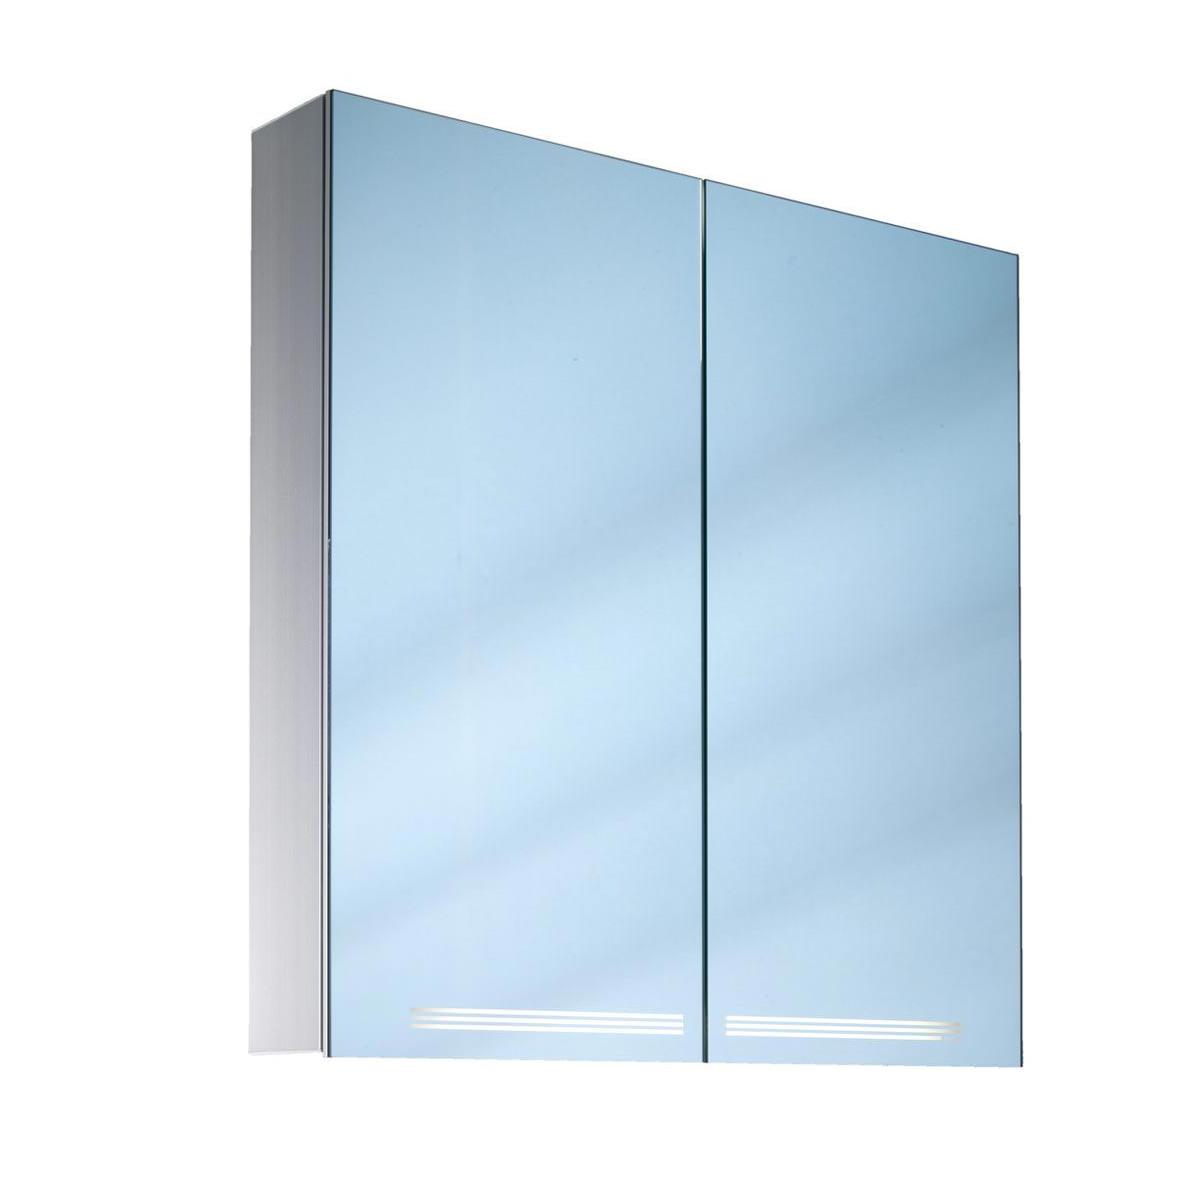 Schneider graceline 2 door illuminated mirror cabinet 1000mm for 1000mm door